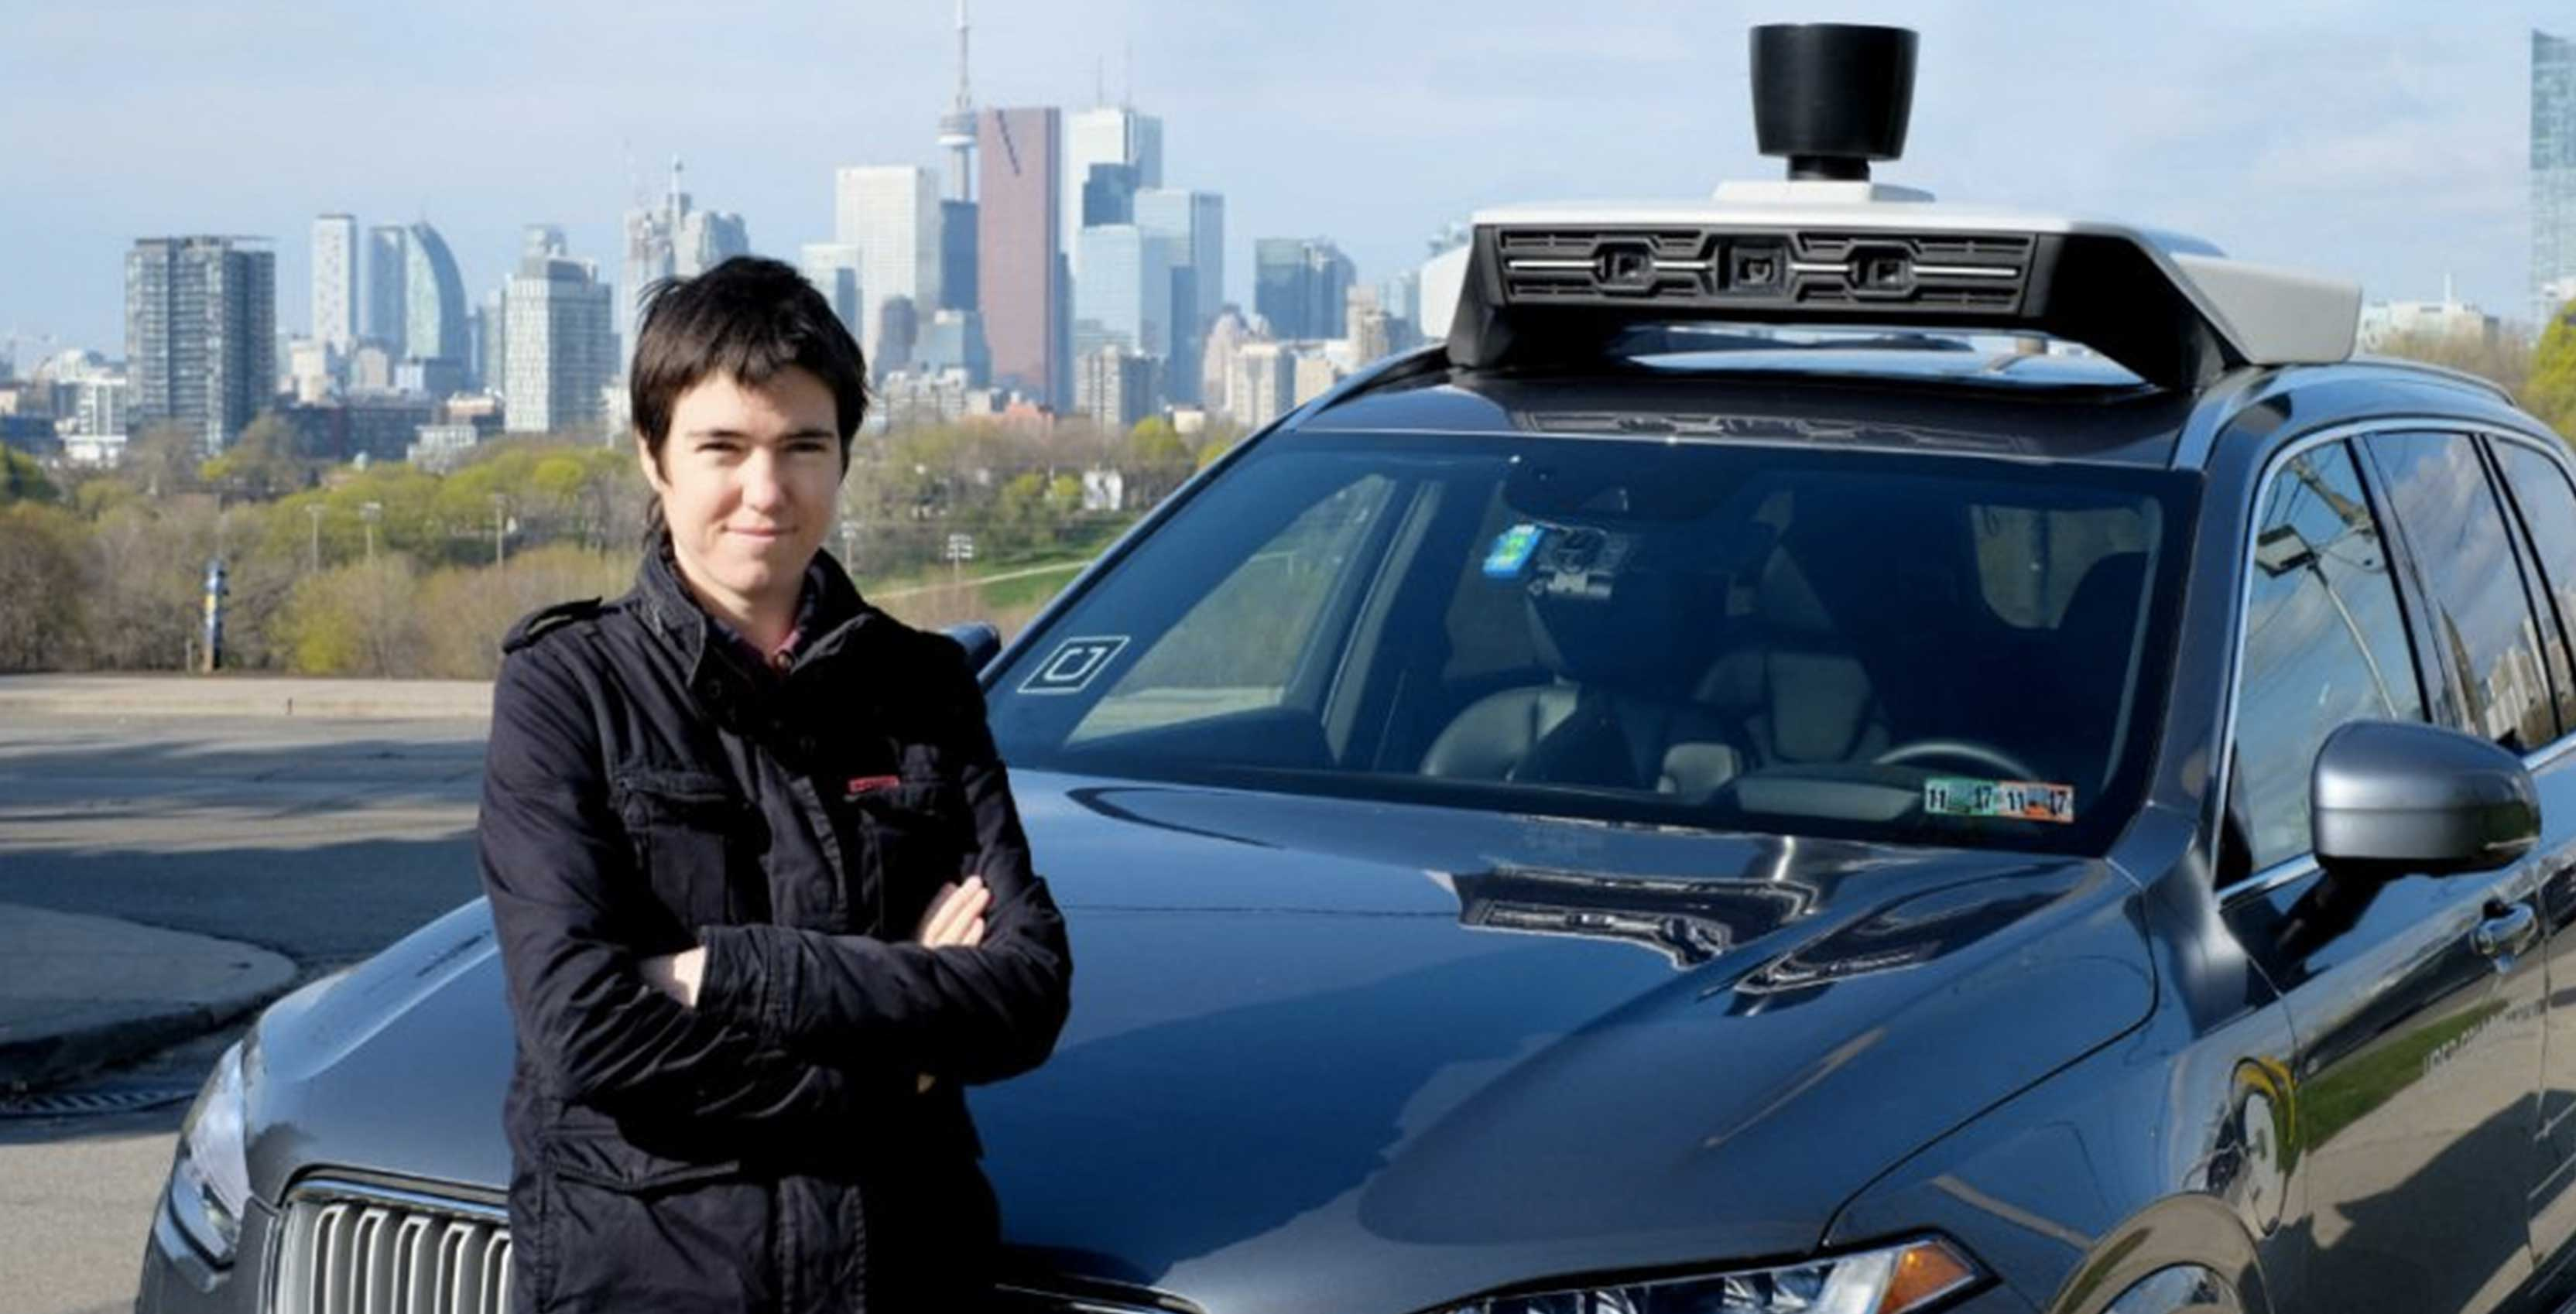 uber driverless car testing Toronto